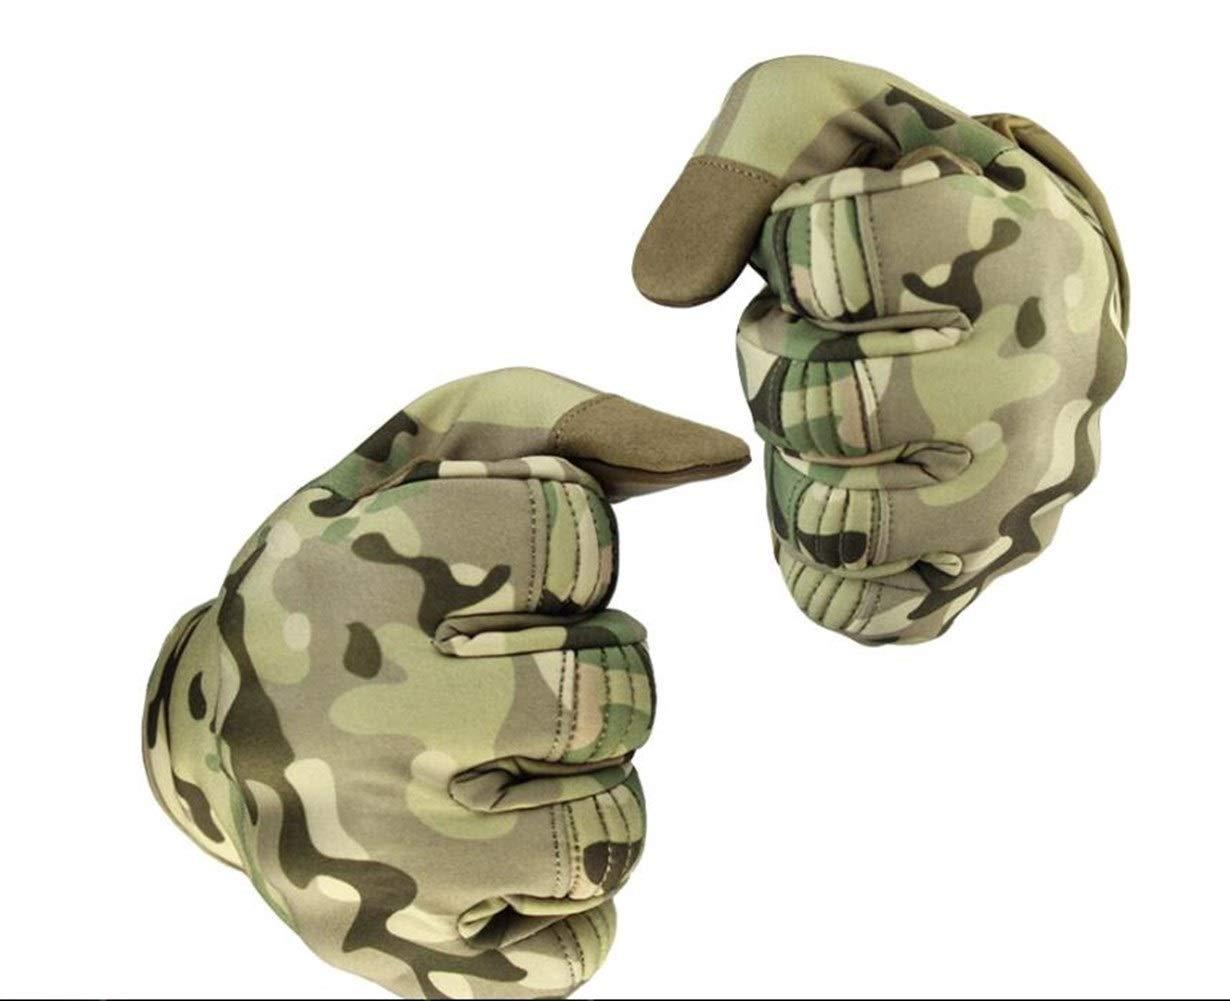 ZRDY Guanti da Uomo con Touchscreen Impermeabili Guanti Tattici Militari Guanti da Bicicletta A Dito Pieno Guanto da Sport Allaperto for La Caccia in Bicicletta